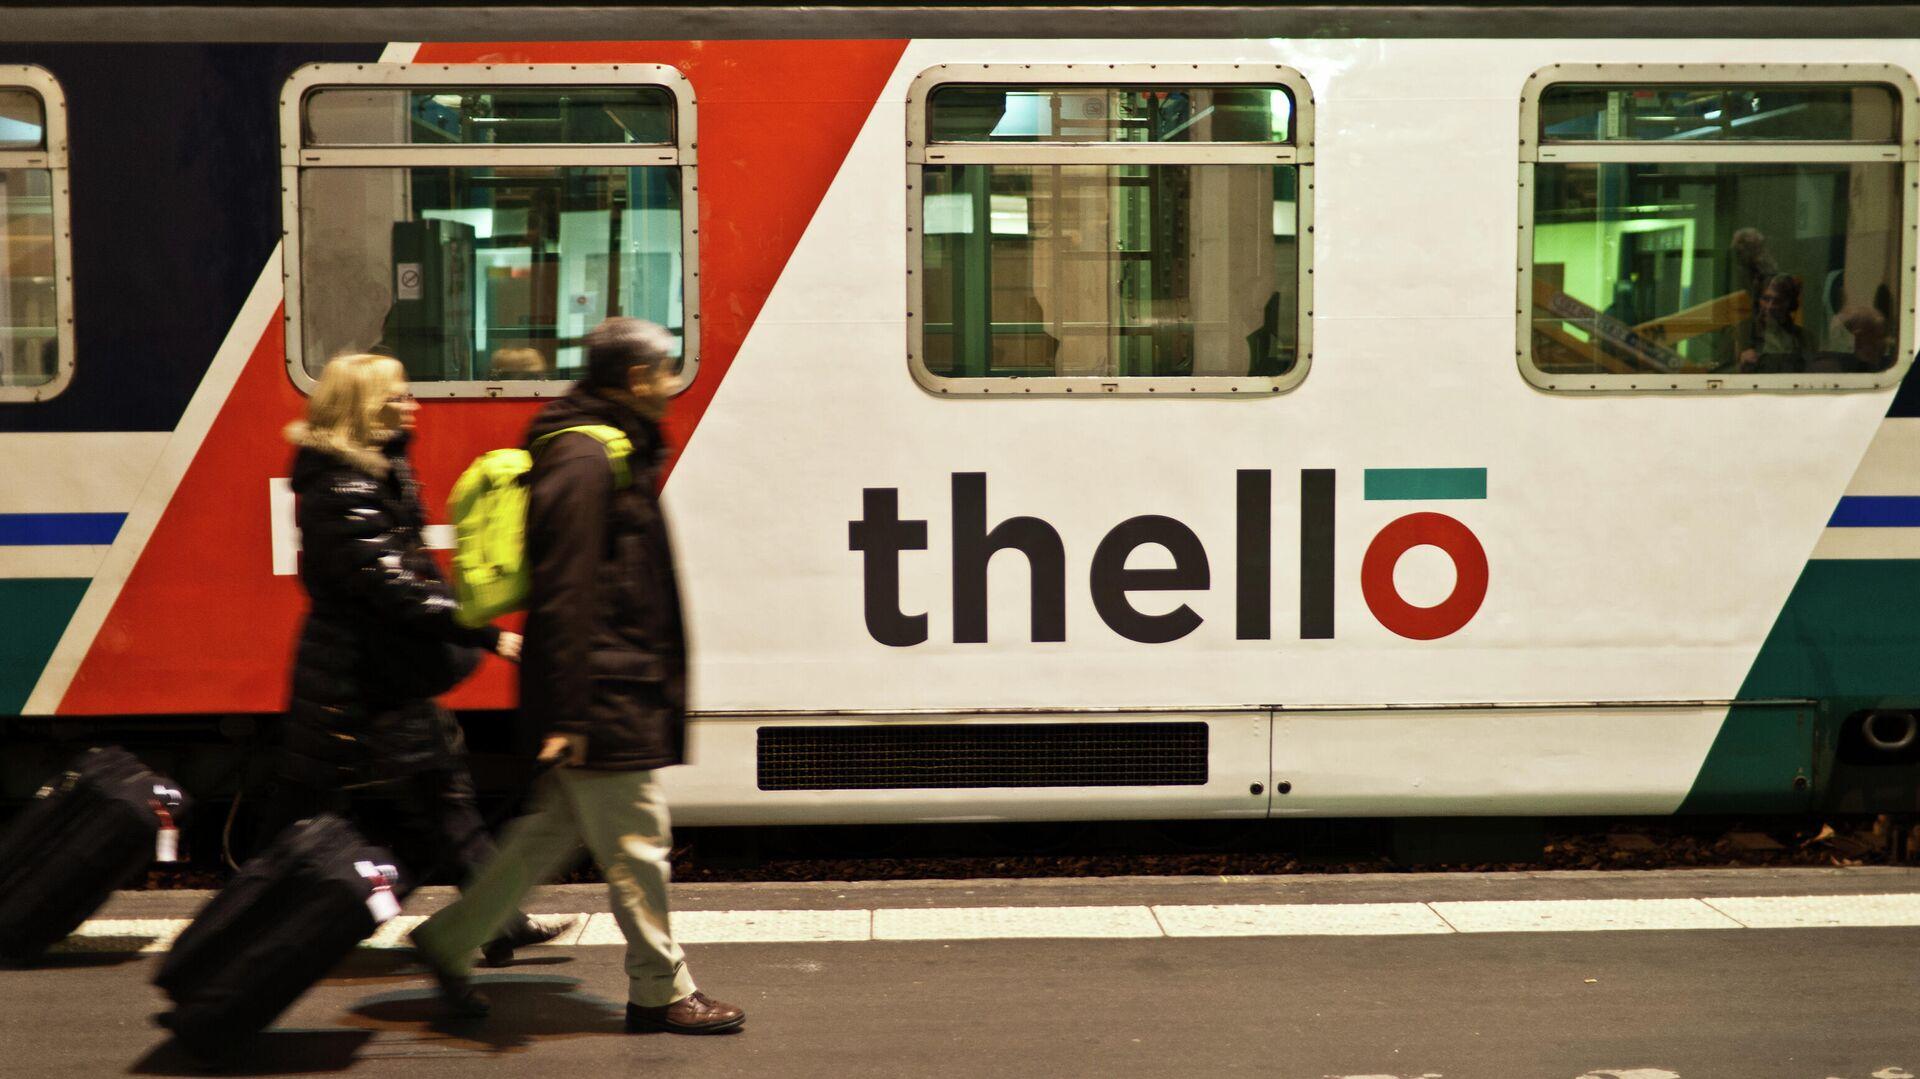 Treno Thello, società che si occupa dei convogli notturni Parigi-Milano-Venezia - Sputnik Italia, 1920, 20.07.2021